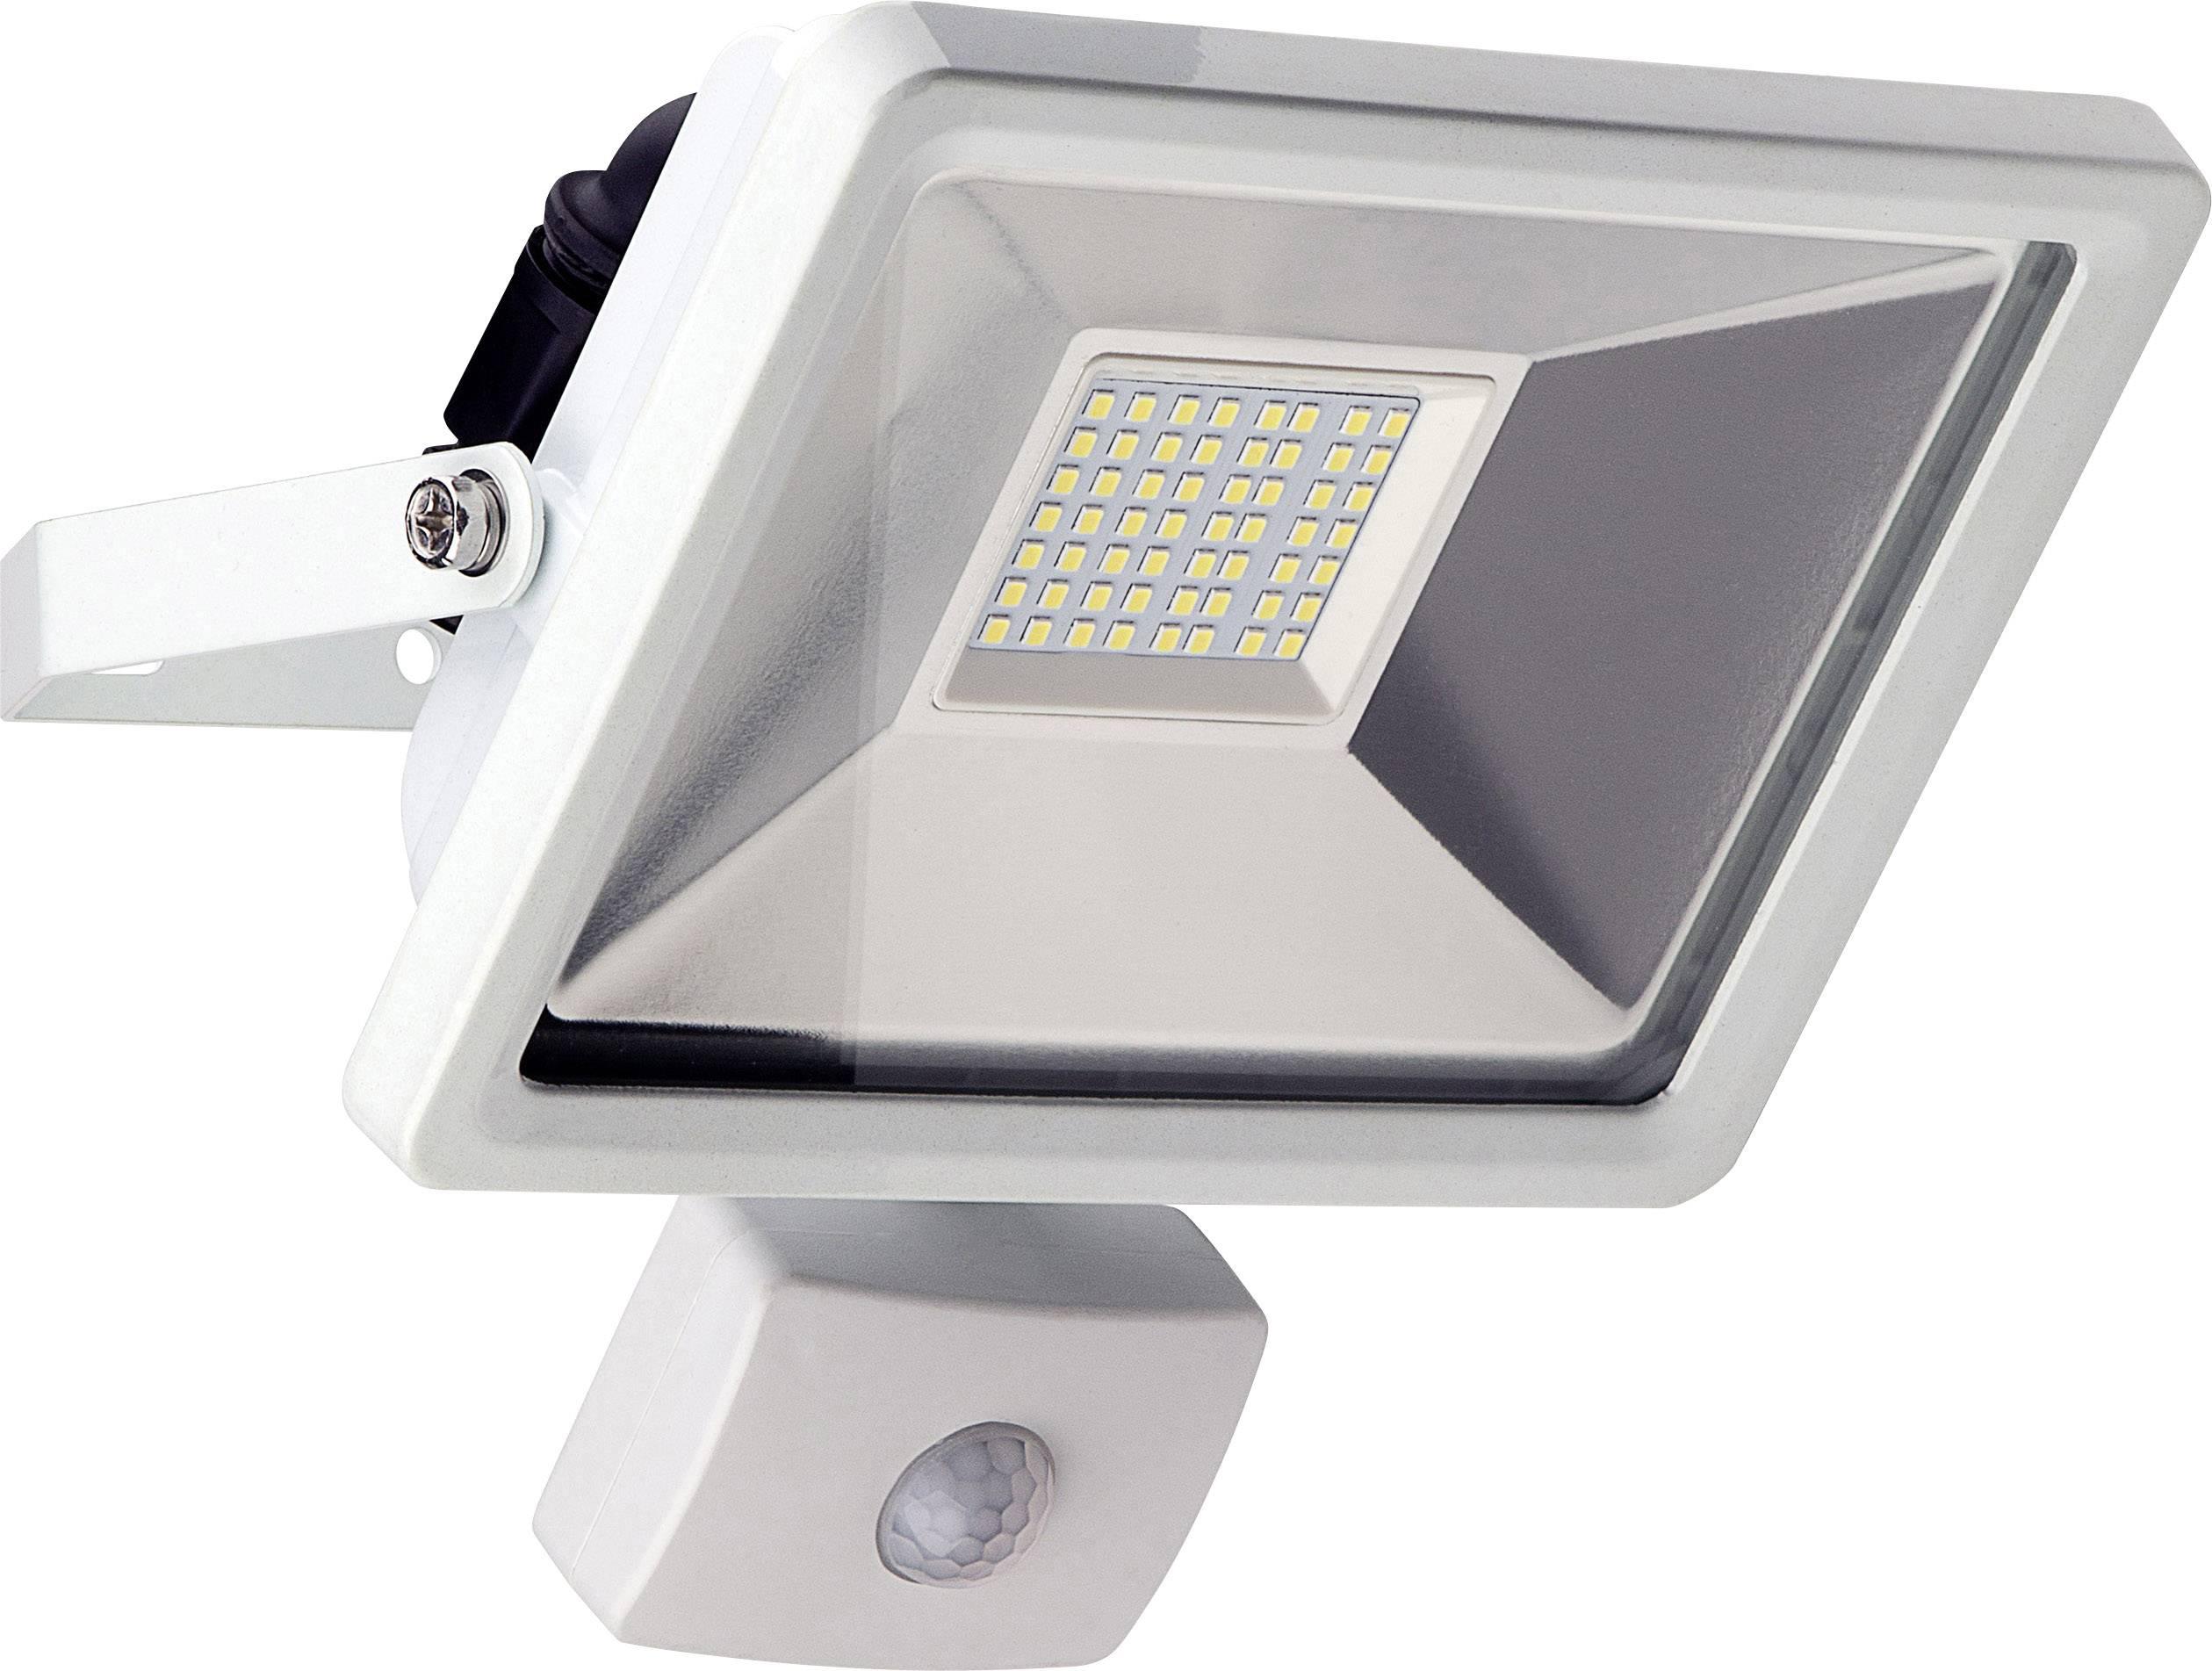 Plafoniera Per Esterno Con Rilevatore Di Presenza : Plafoniera per esterno con rilevatore di presenza lampada a